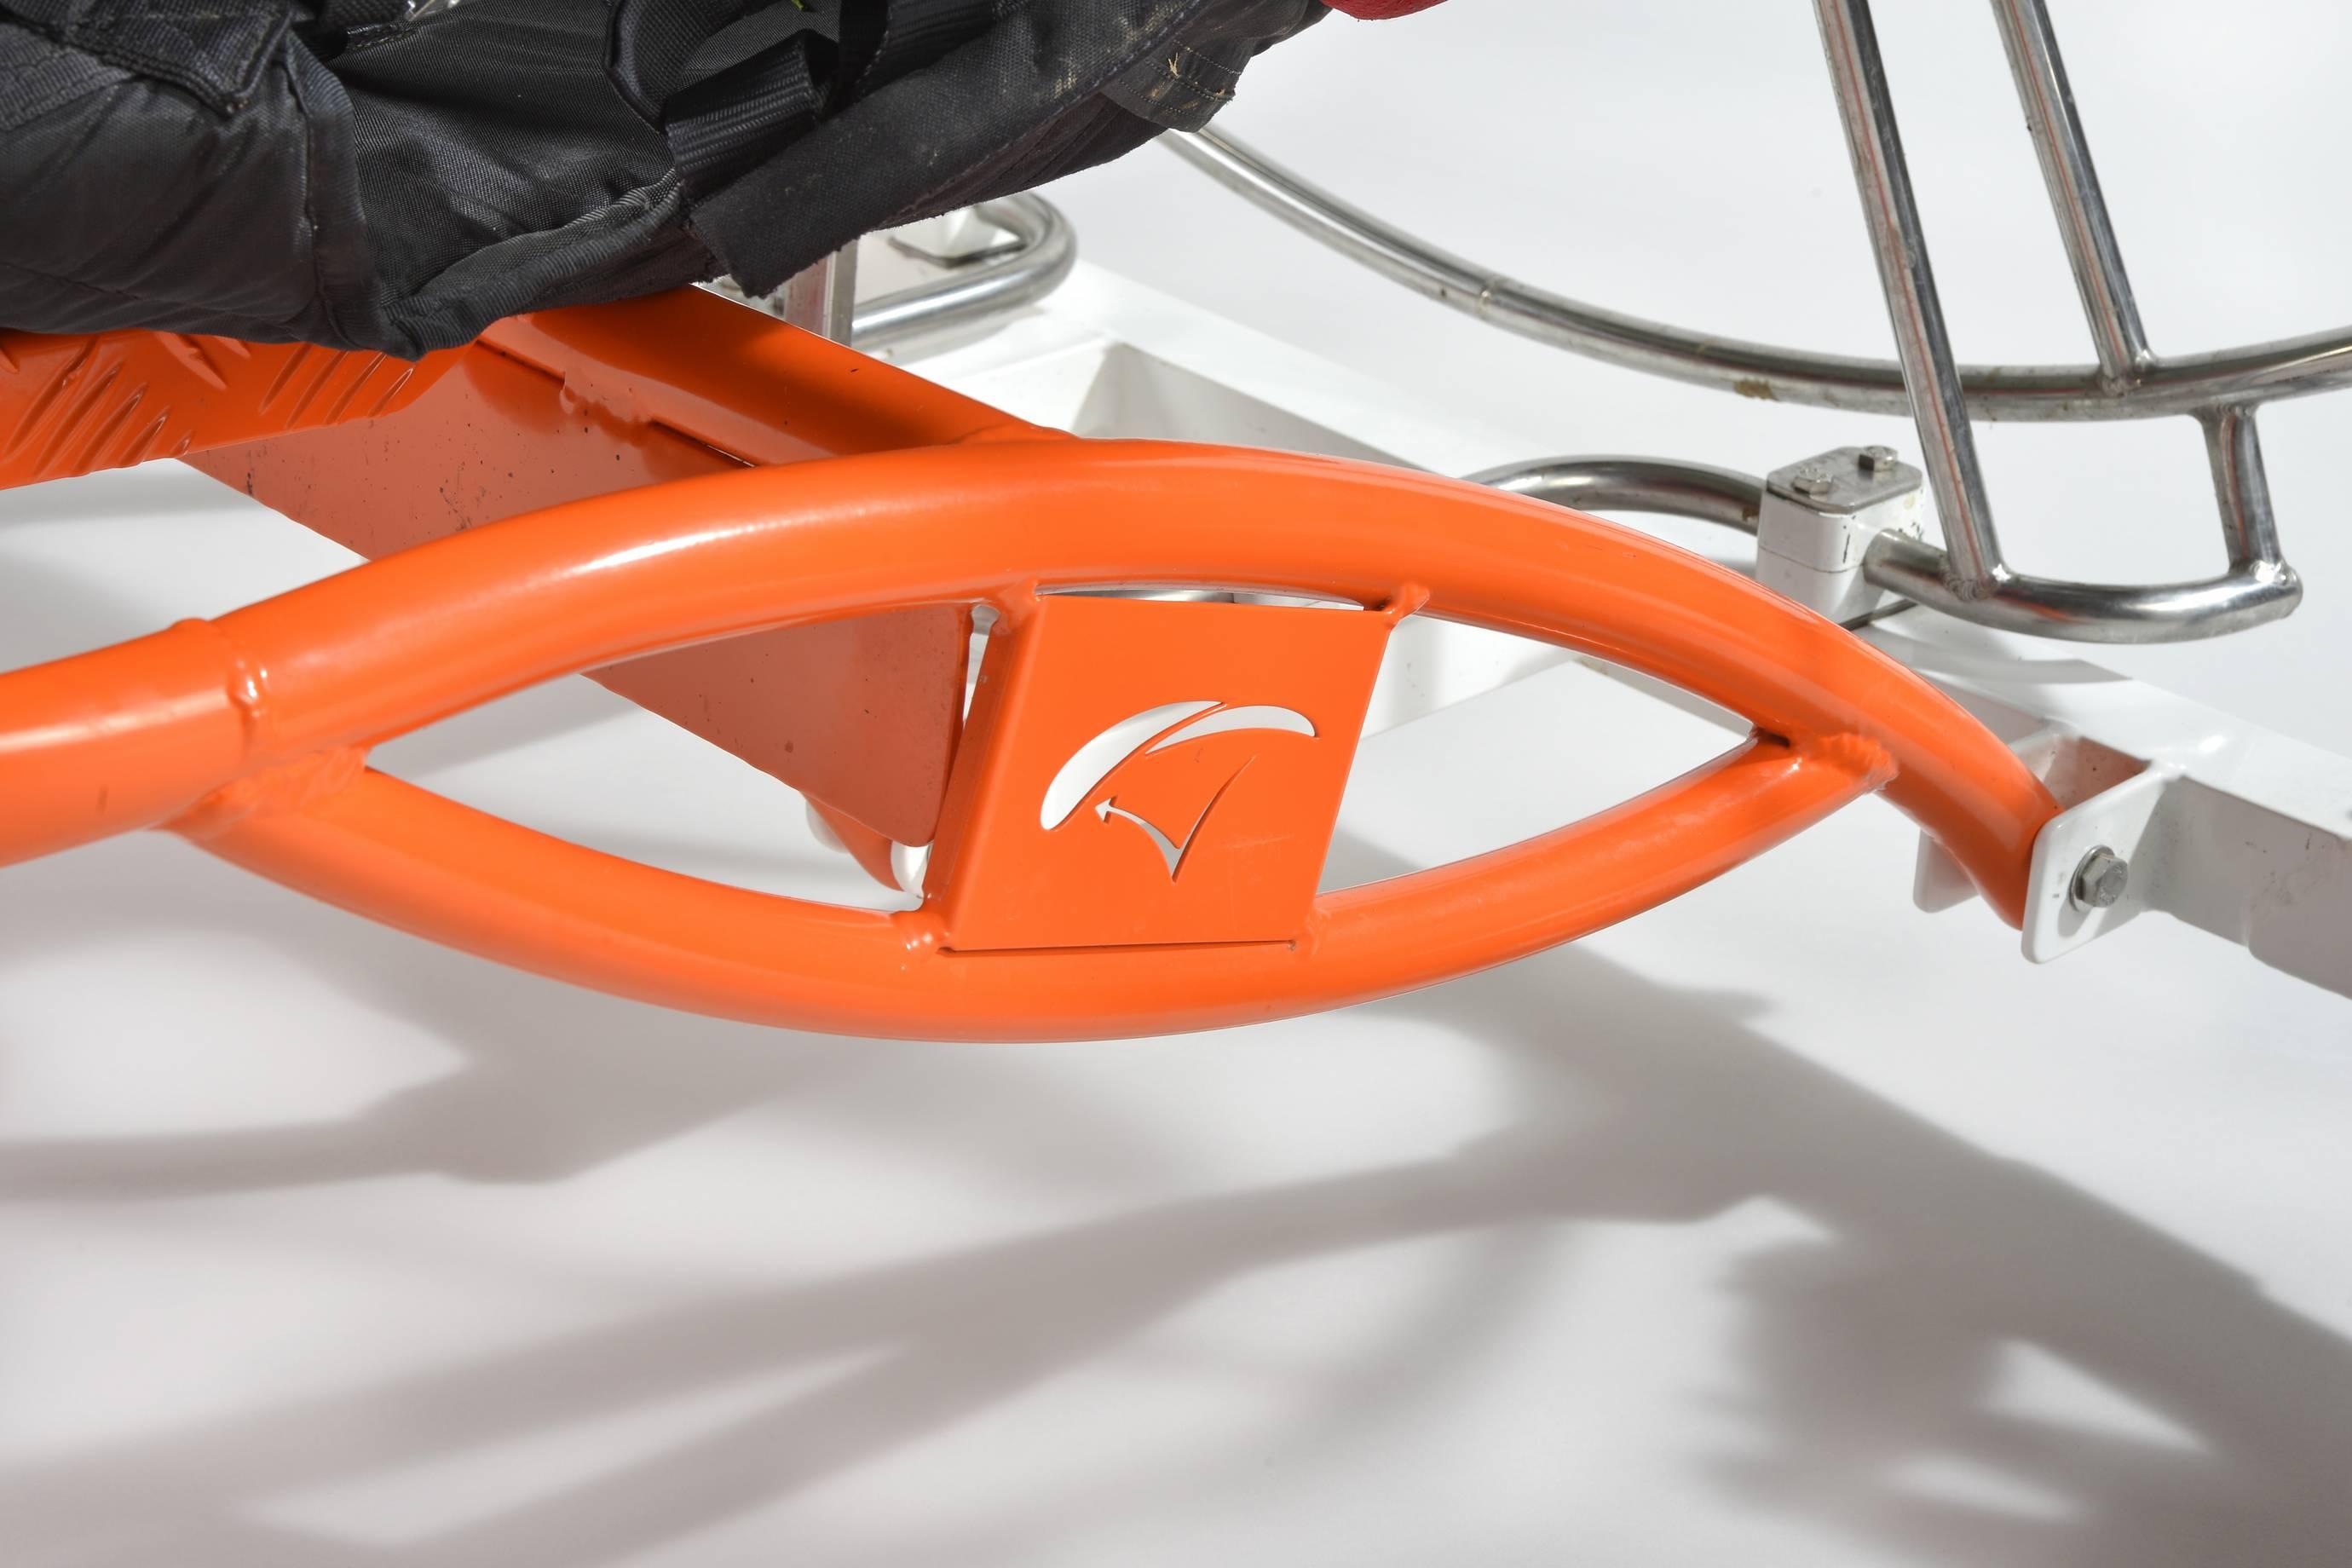 Chariot en aluminium pour paramoteur a helice